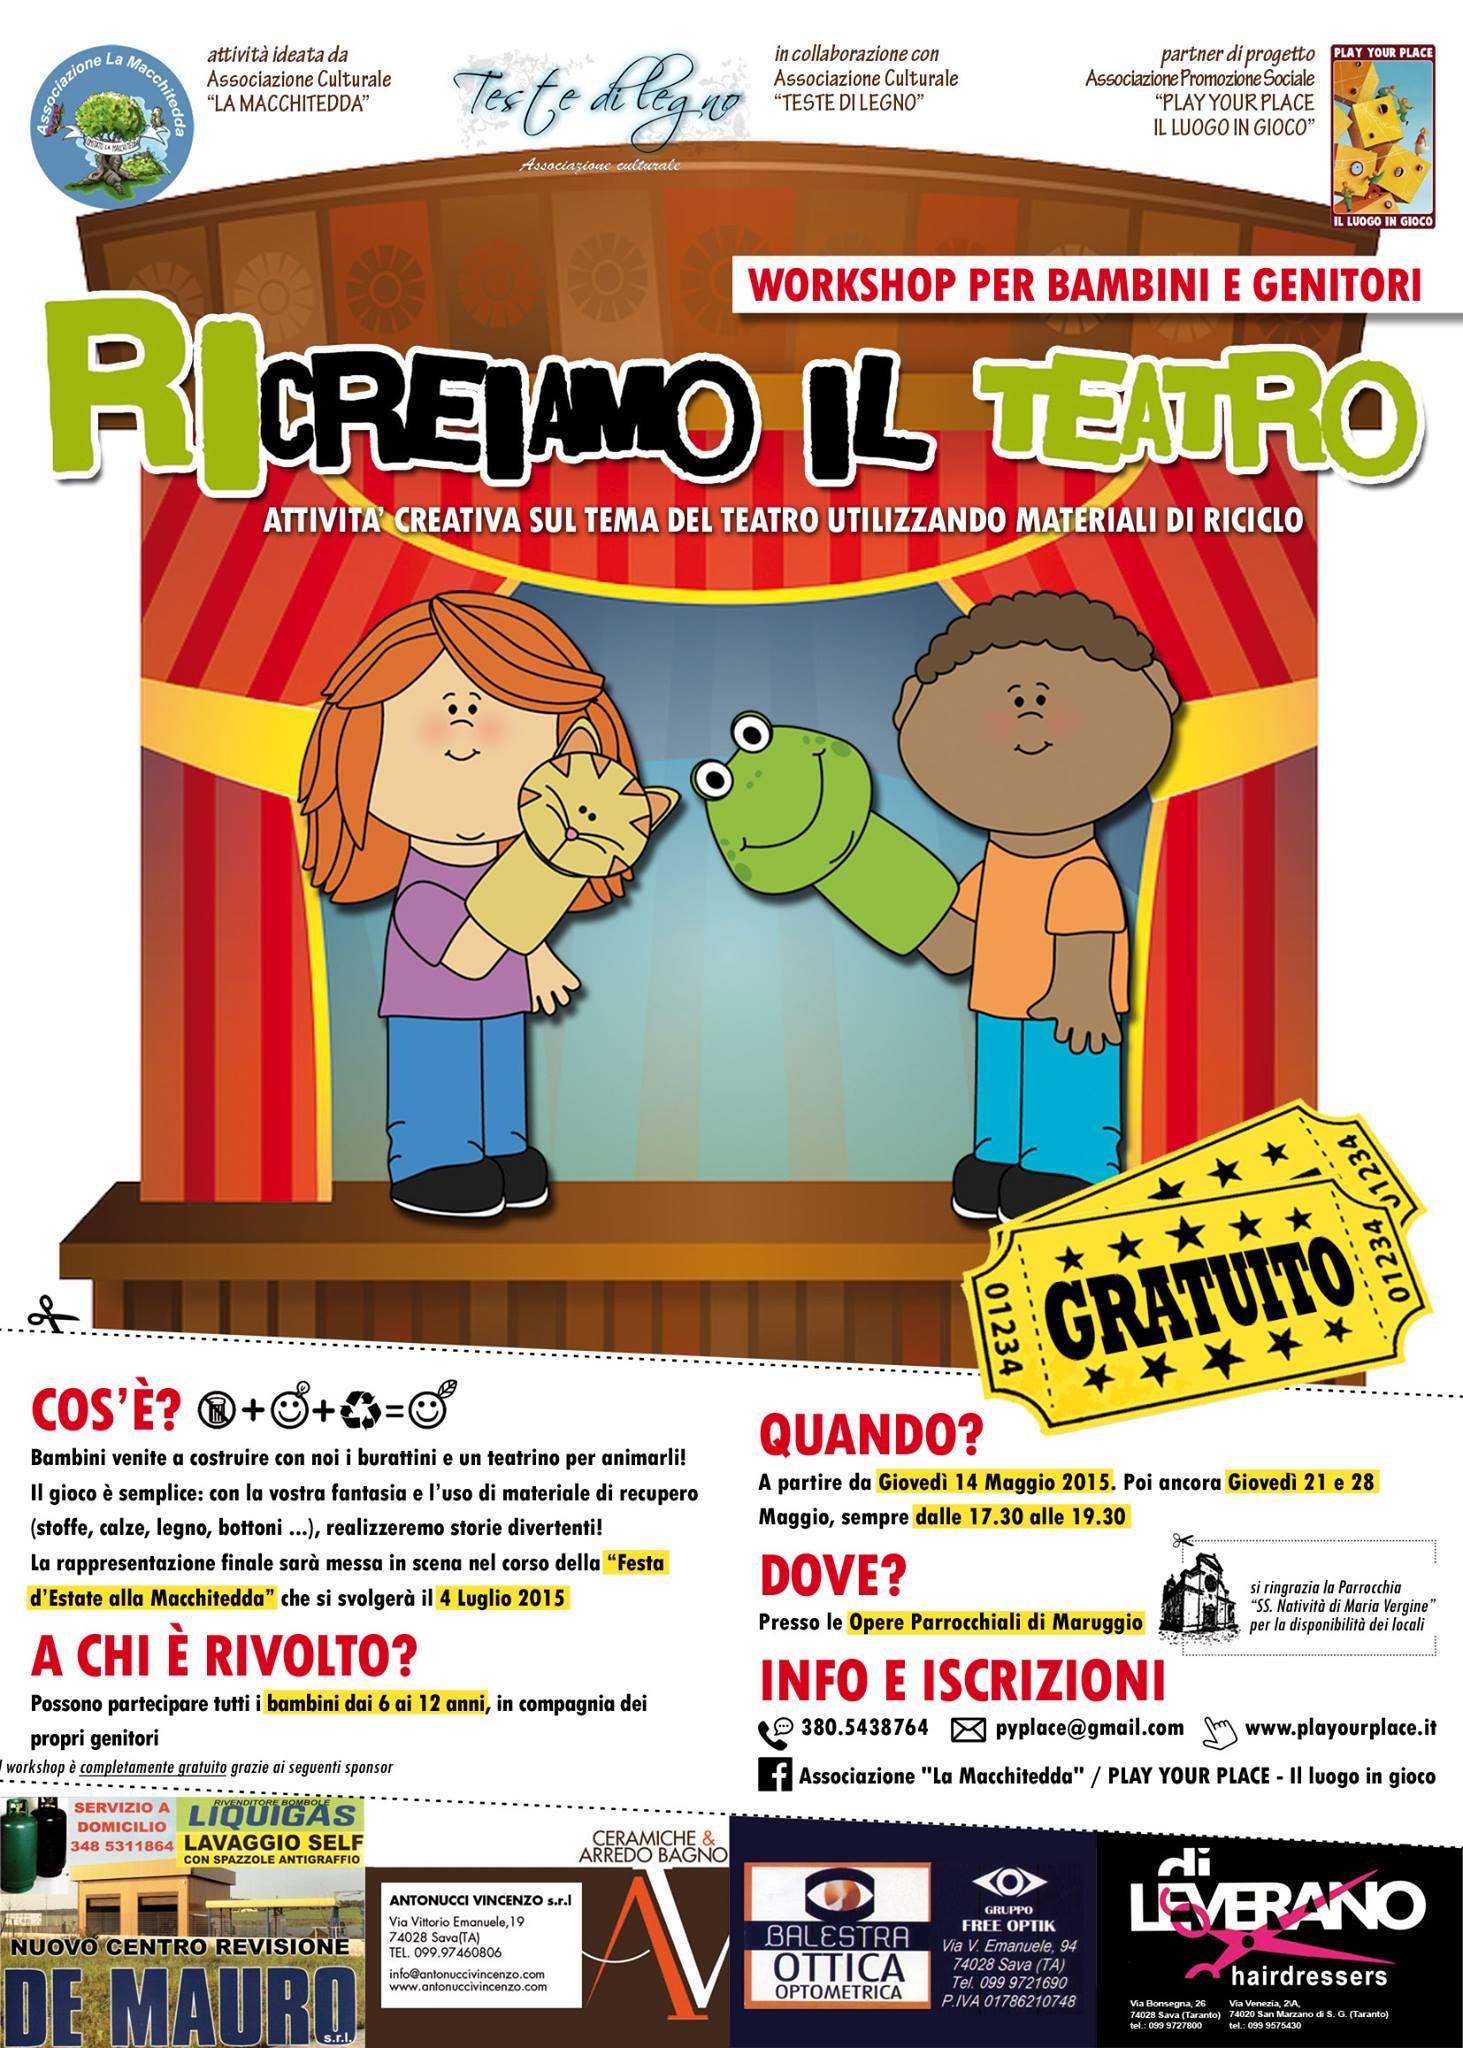 """Maruggio: """"Ricreiamo il teatro"""", workshop di costruzione di burattini e teatrino per bambini e genitori"""